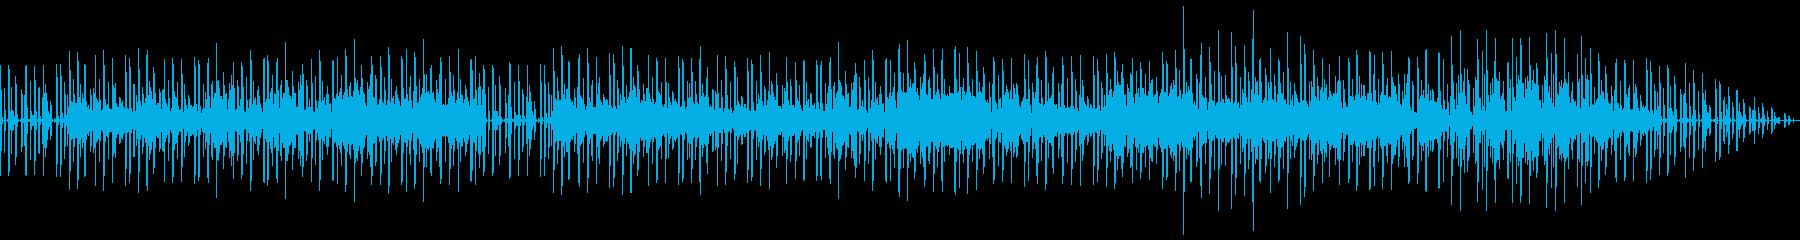 キーボードが印象的なちょっとかっこいい曲の再生済みの波形